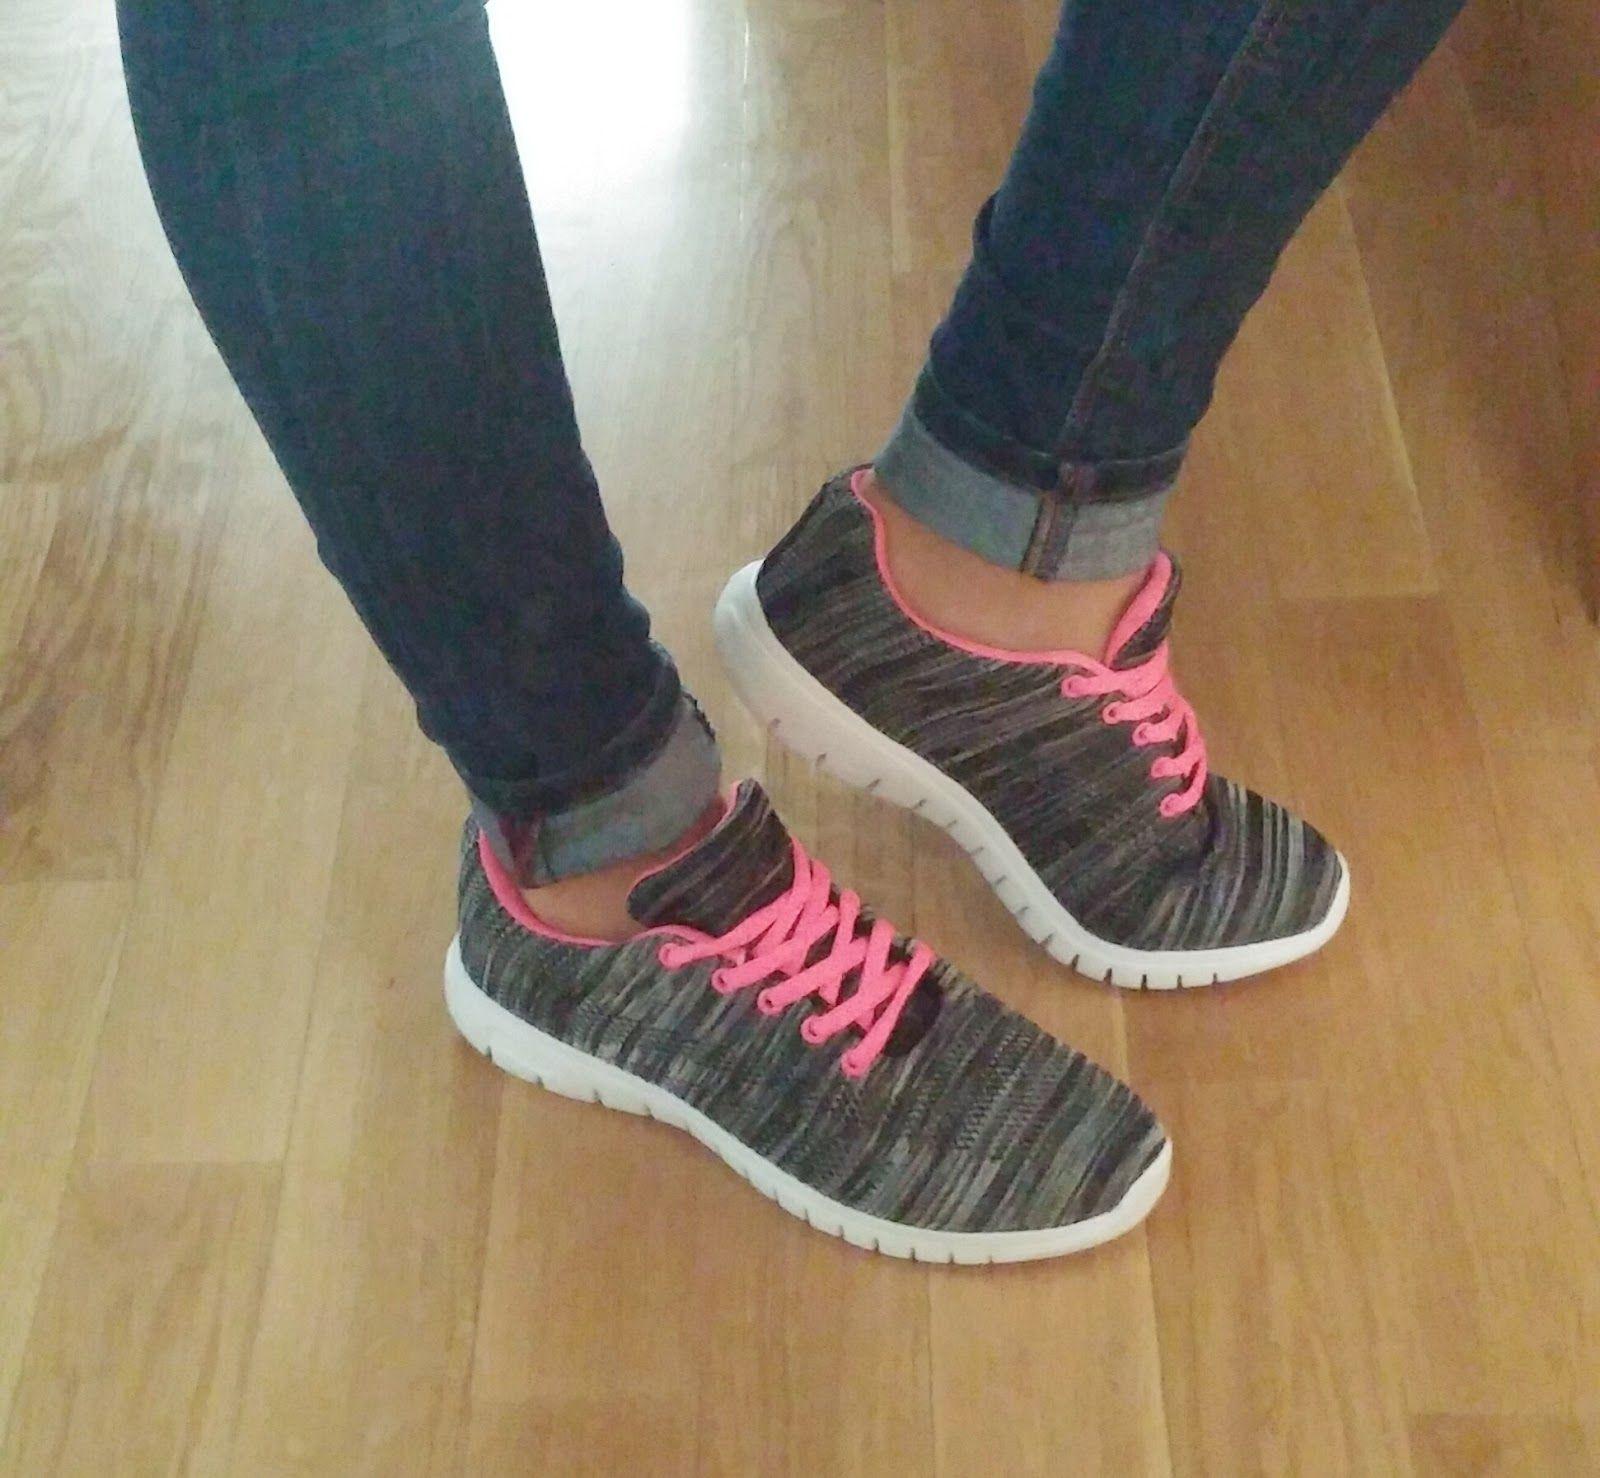 sneakers justab